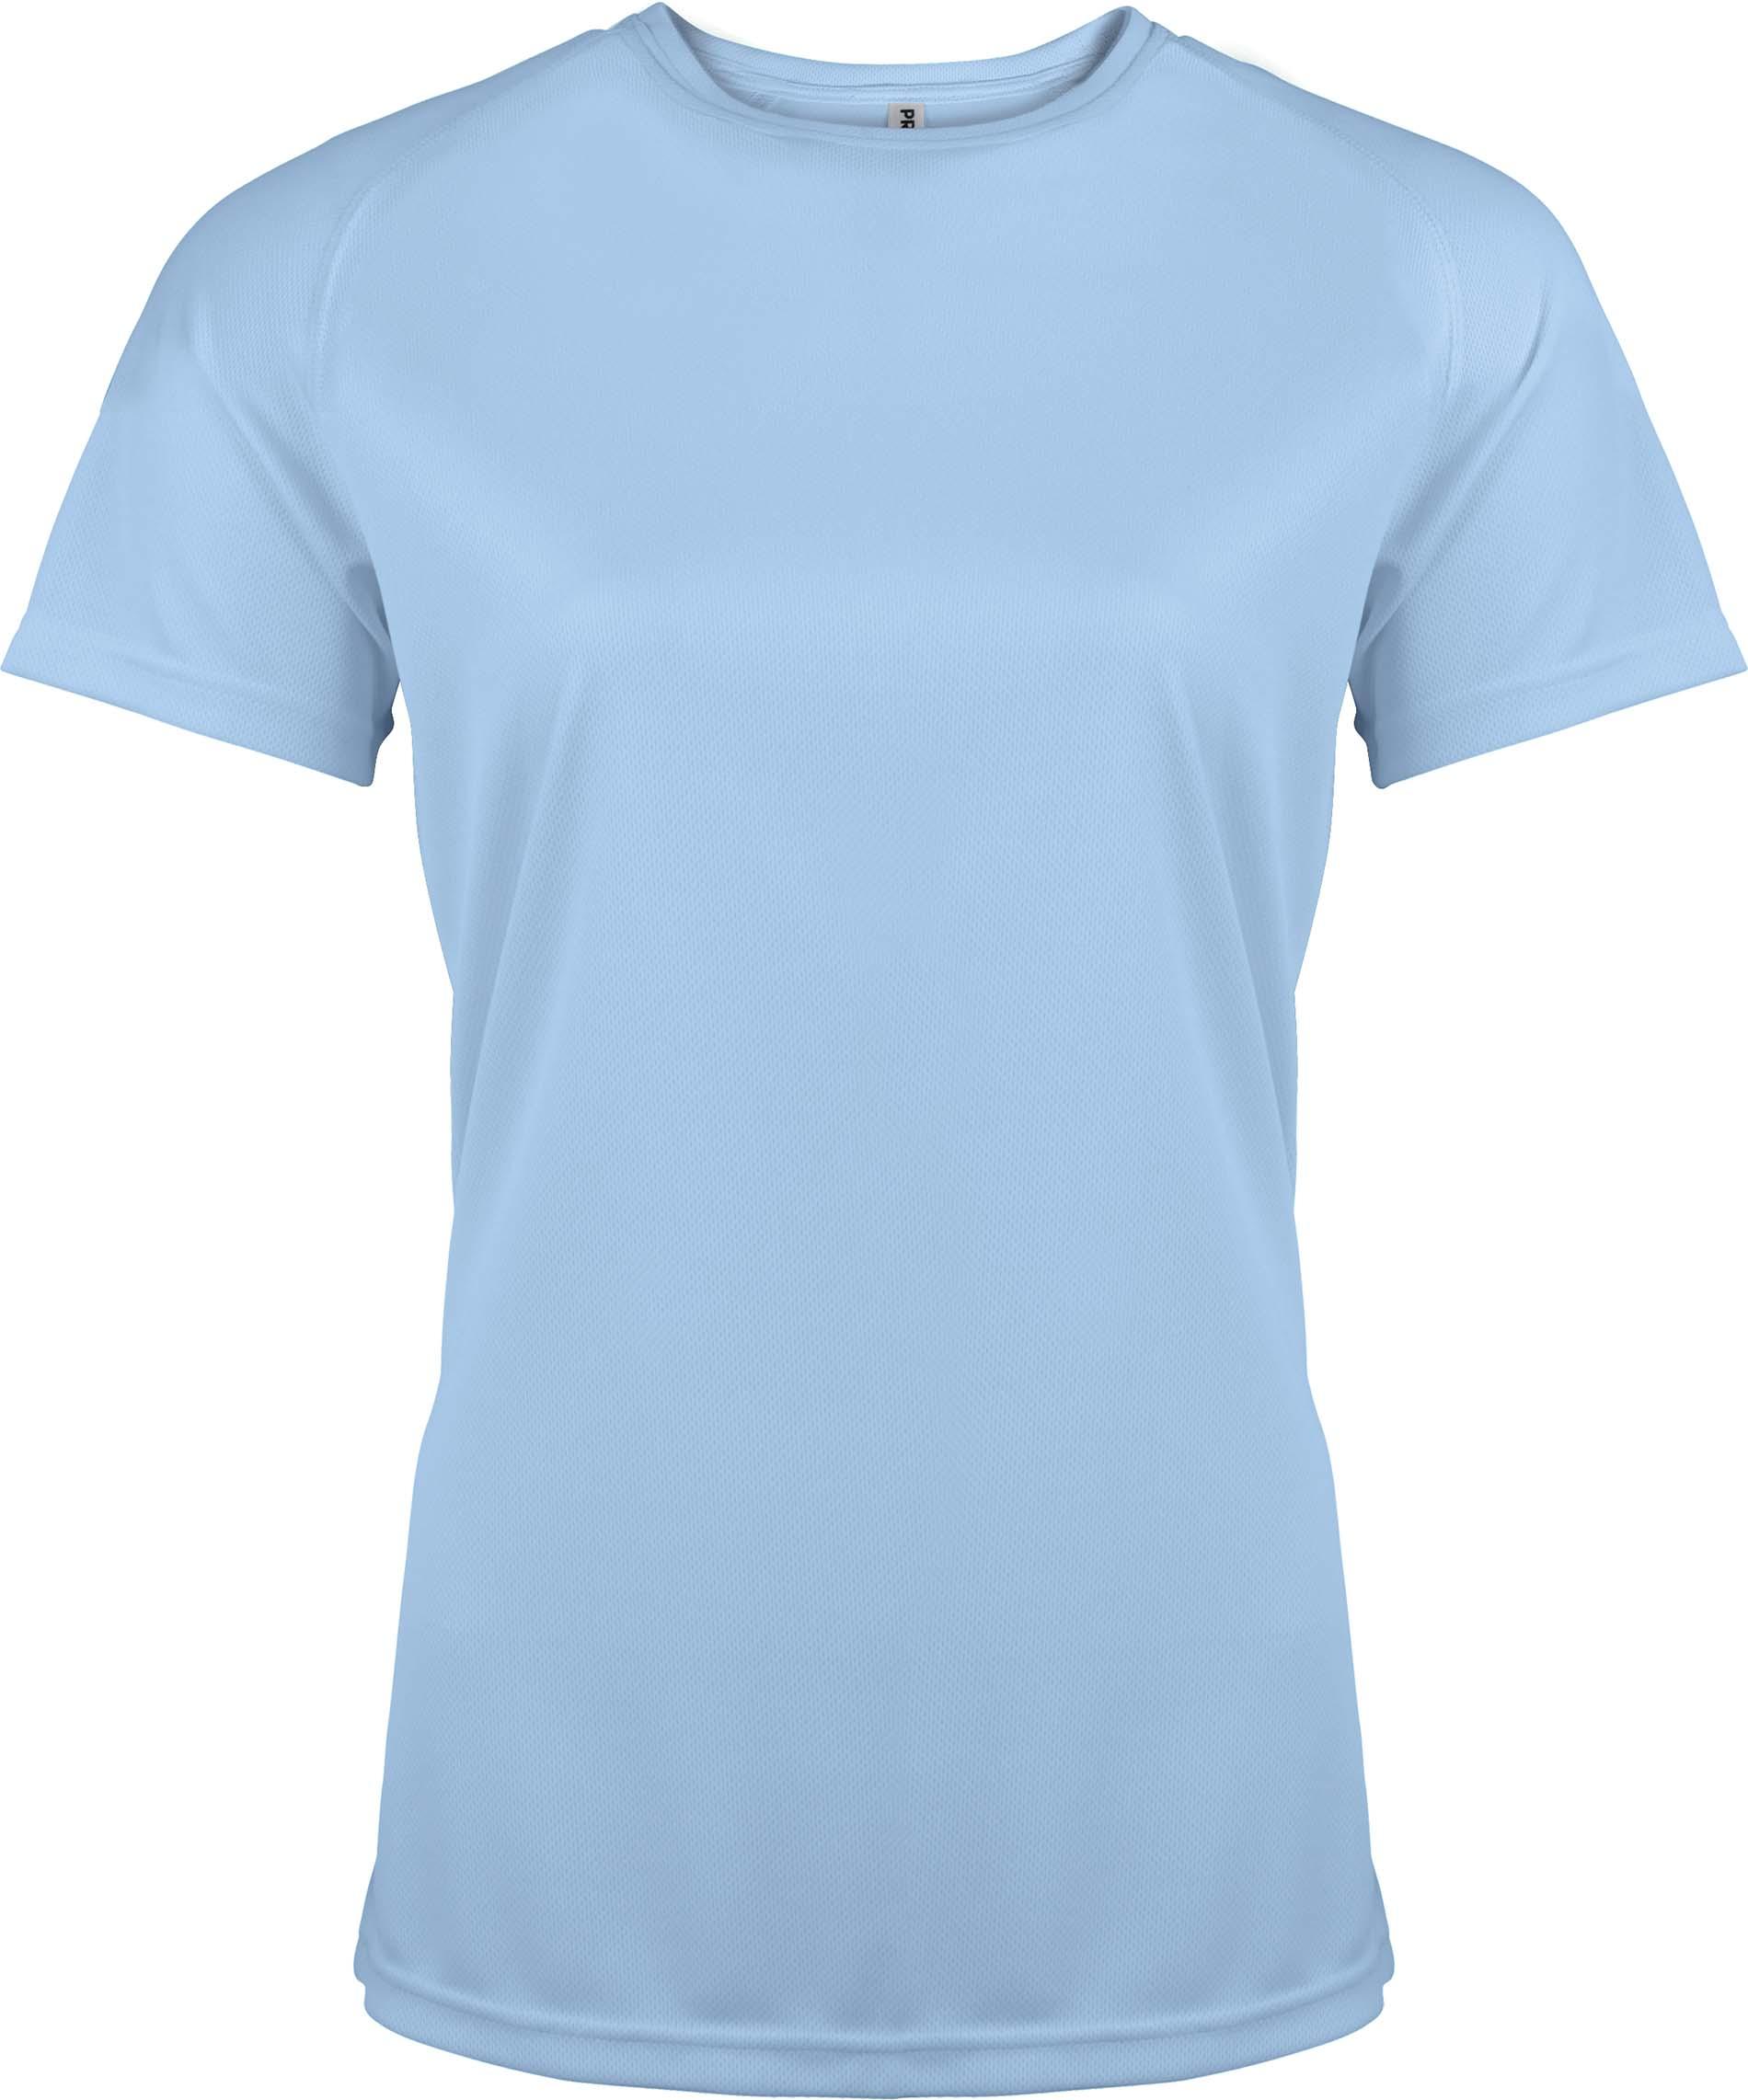 Naisten tekninen T-paita PA439 Sky Blue